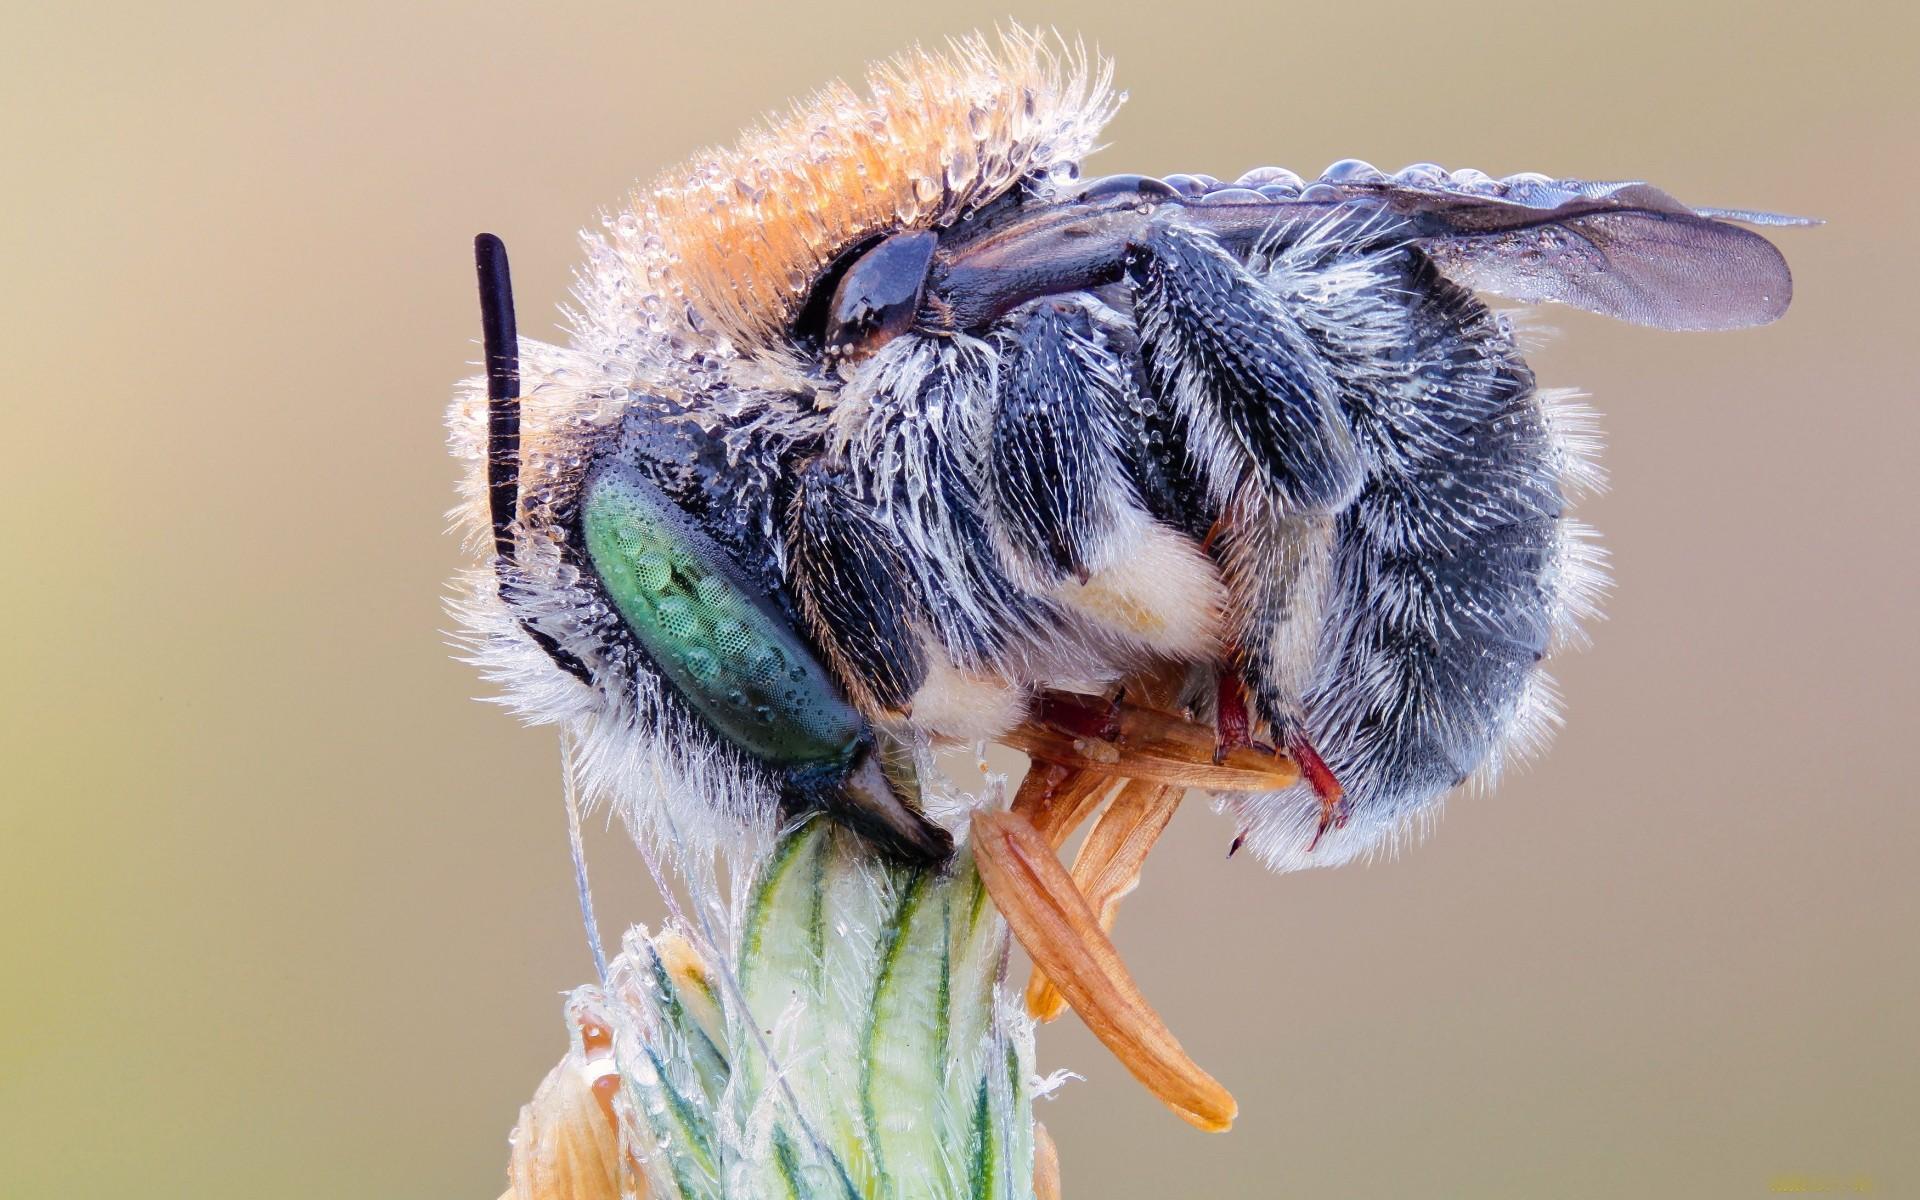 Fotos macro de insectos - 1920x1200